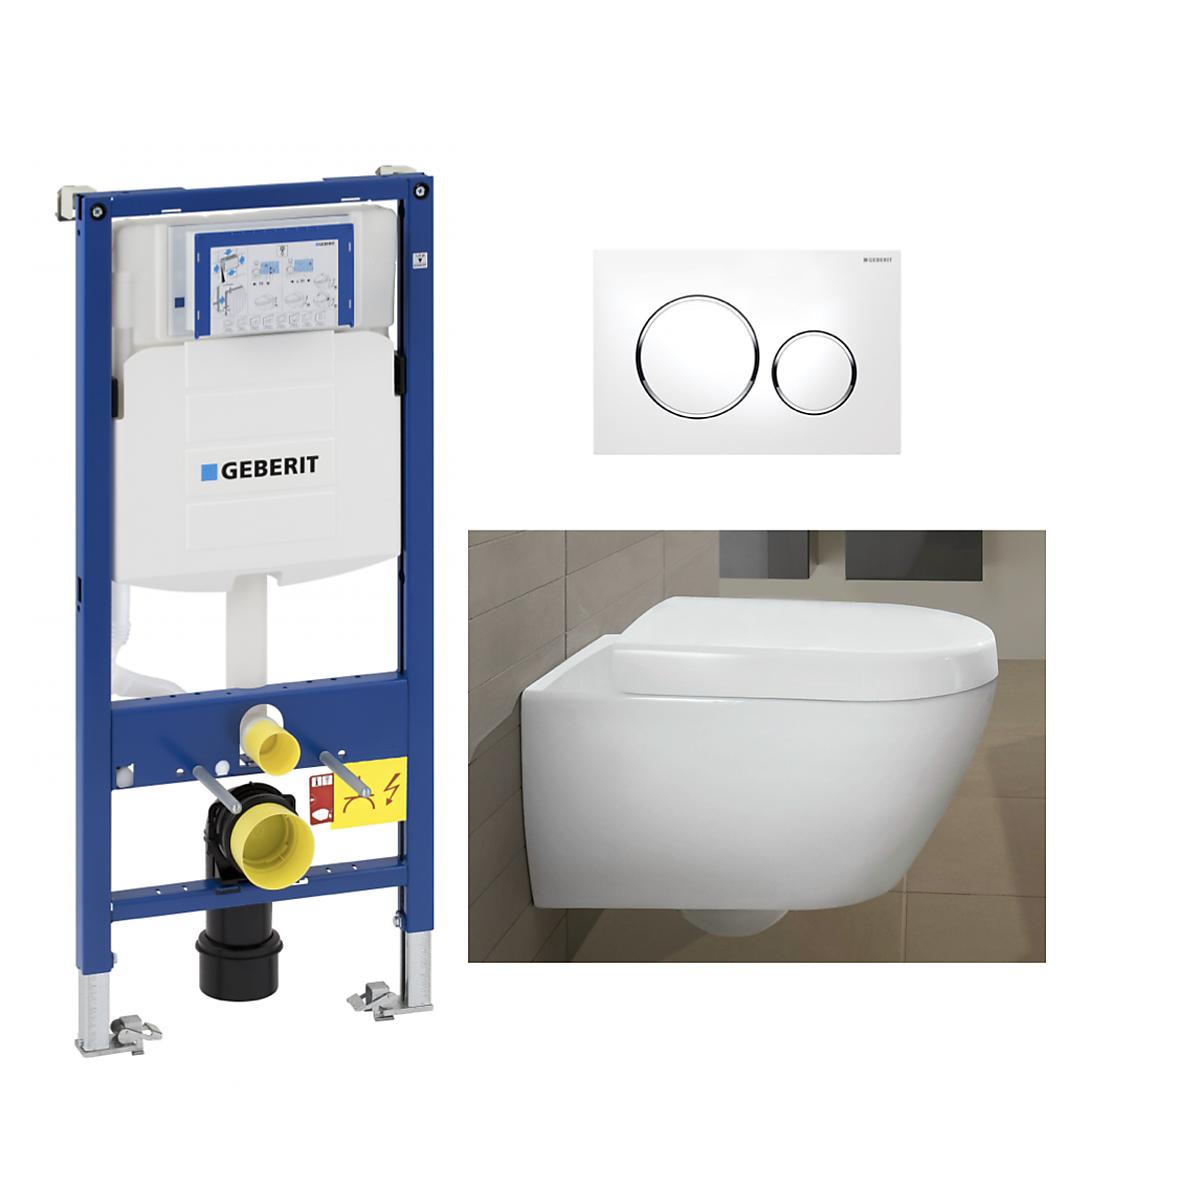 v b subway 2 0 toalettpakke inkl sete lokk sisterne og trykkplate. Black Bedroom Furniture Sets. Home Design Ideas